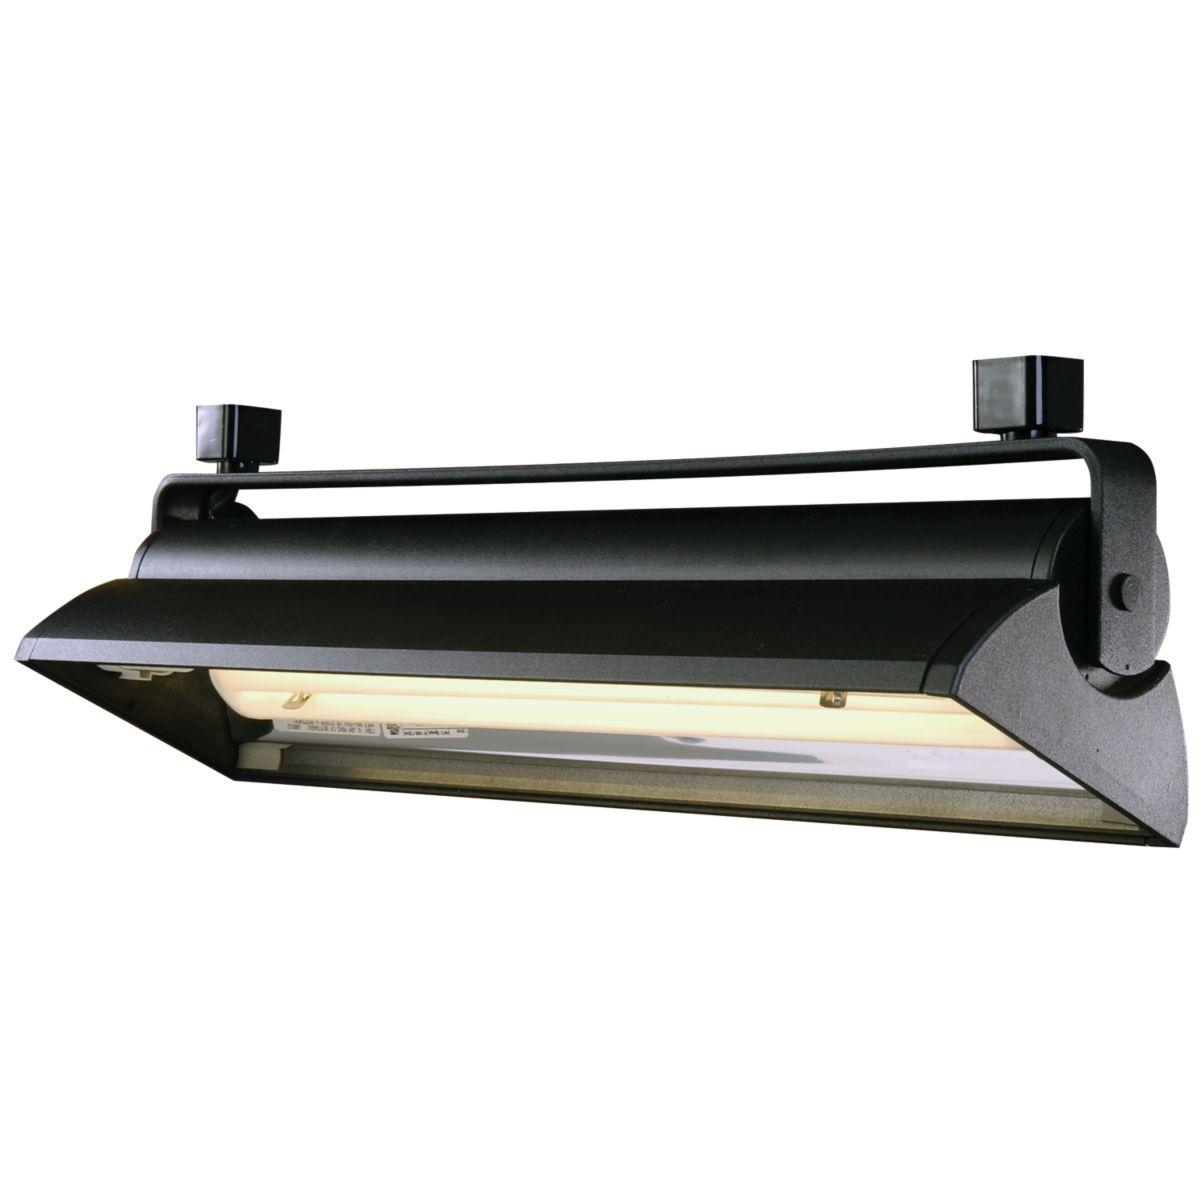 L3240E, L3250E, L3255E Para Trac CFL Wall Washer